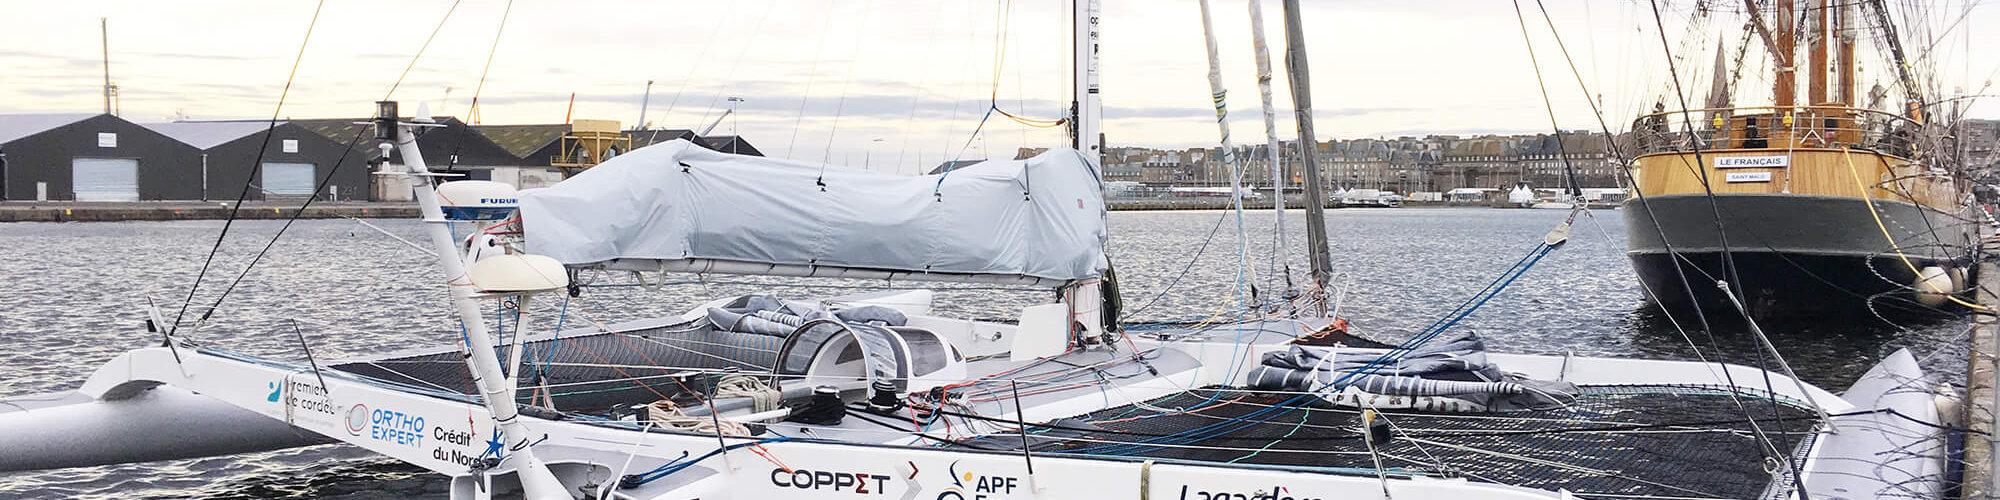 Vent Debout, un bateau de légende par Coppet Avocats